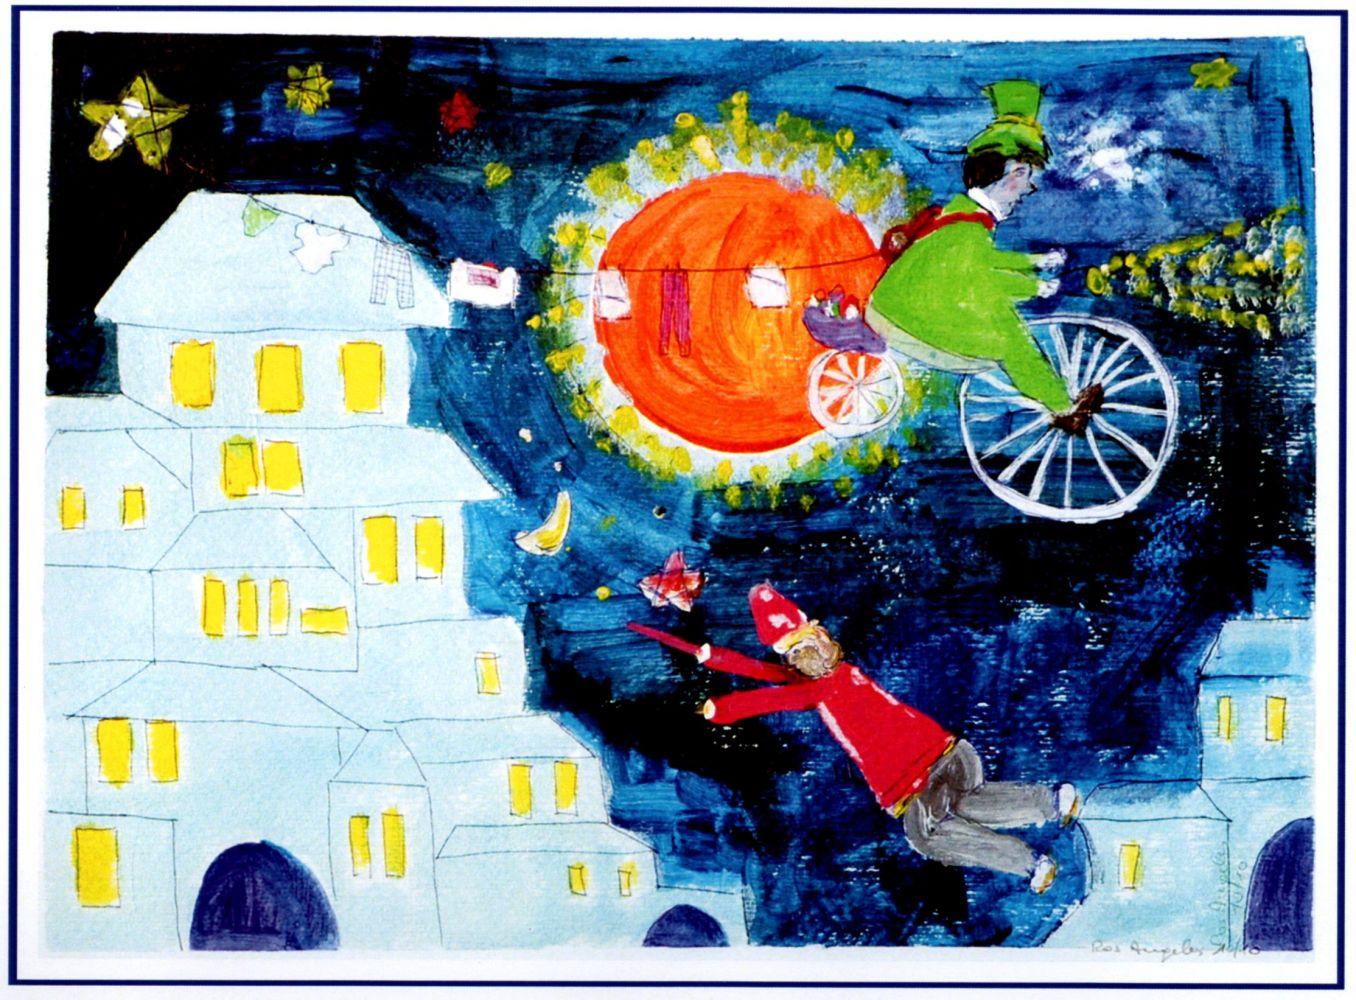 Varisco Rosangela - Il circo della gioia